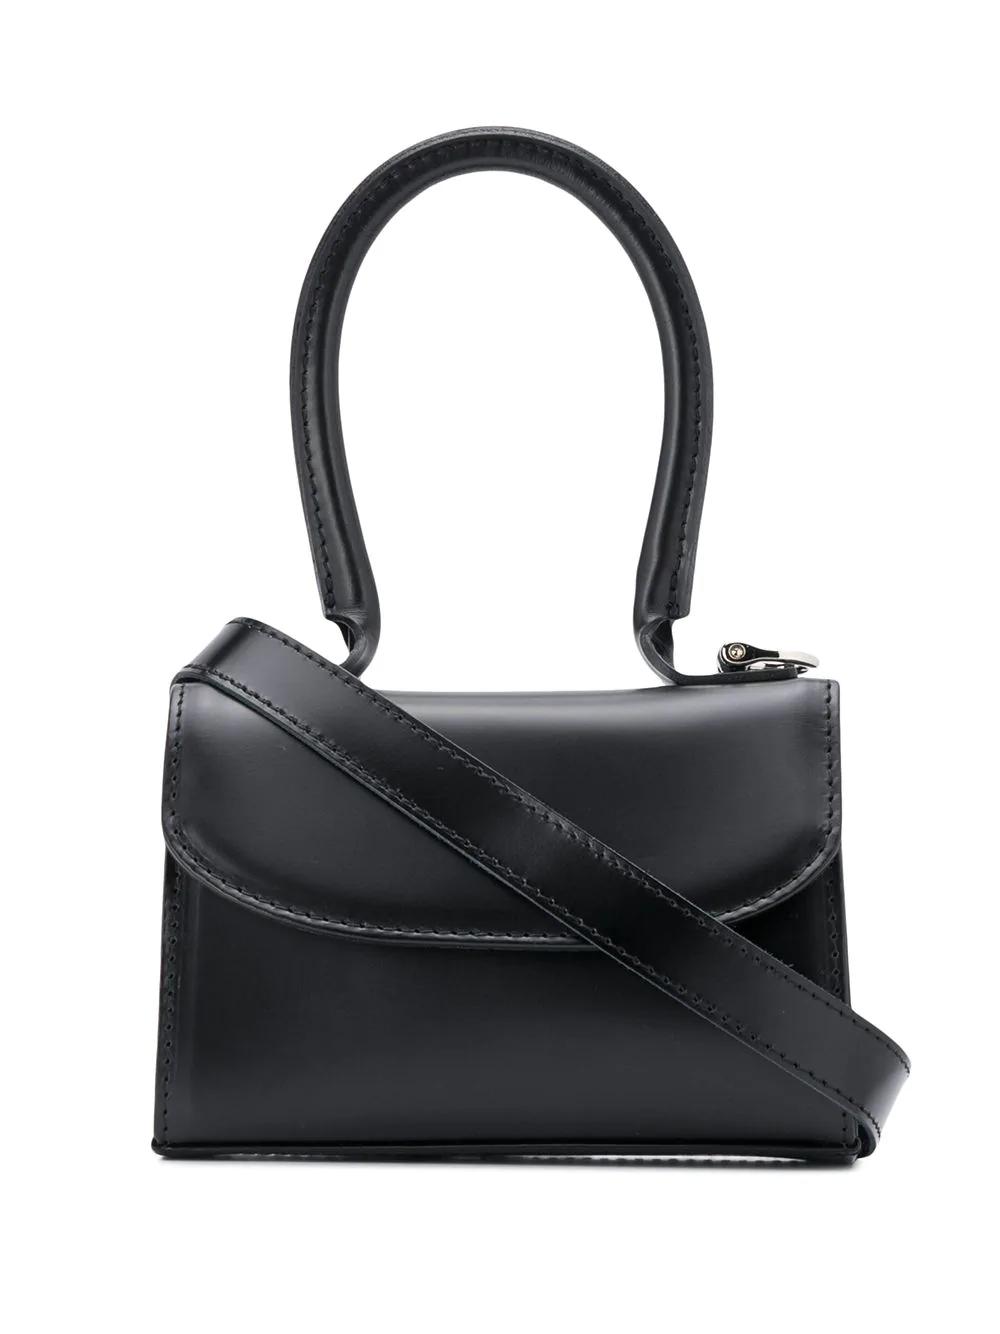 JUNYA WATANABE, small foldover-top tote bag, 495лв